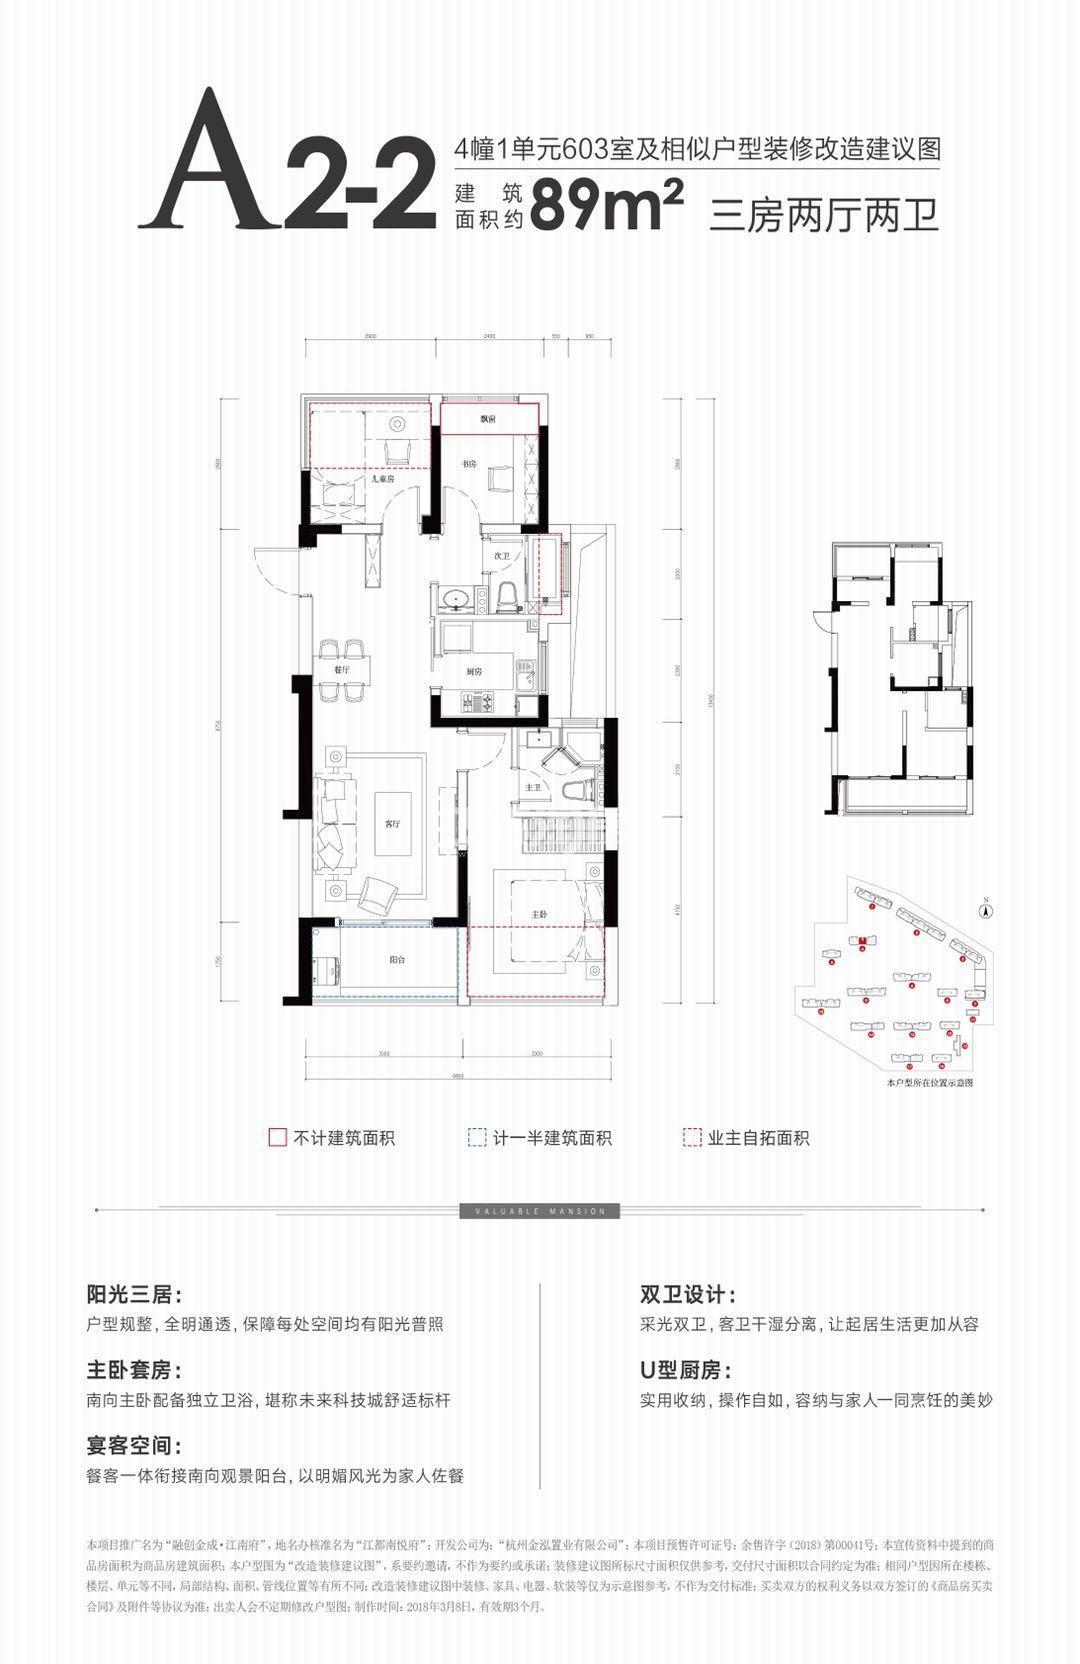 融创金成江南府项目4号楼A2-2户型89方